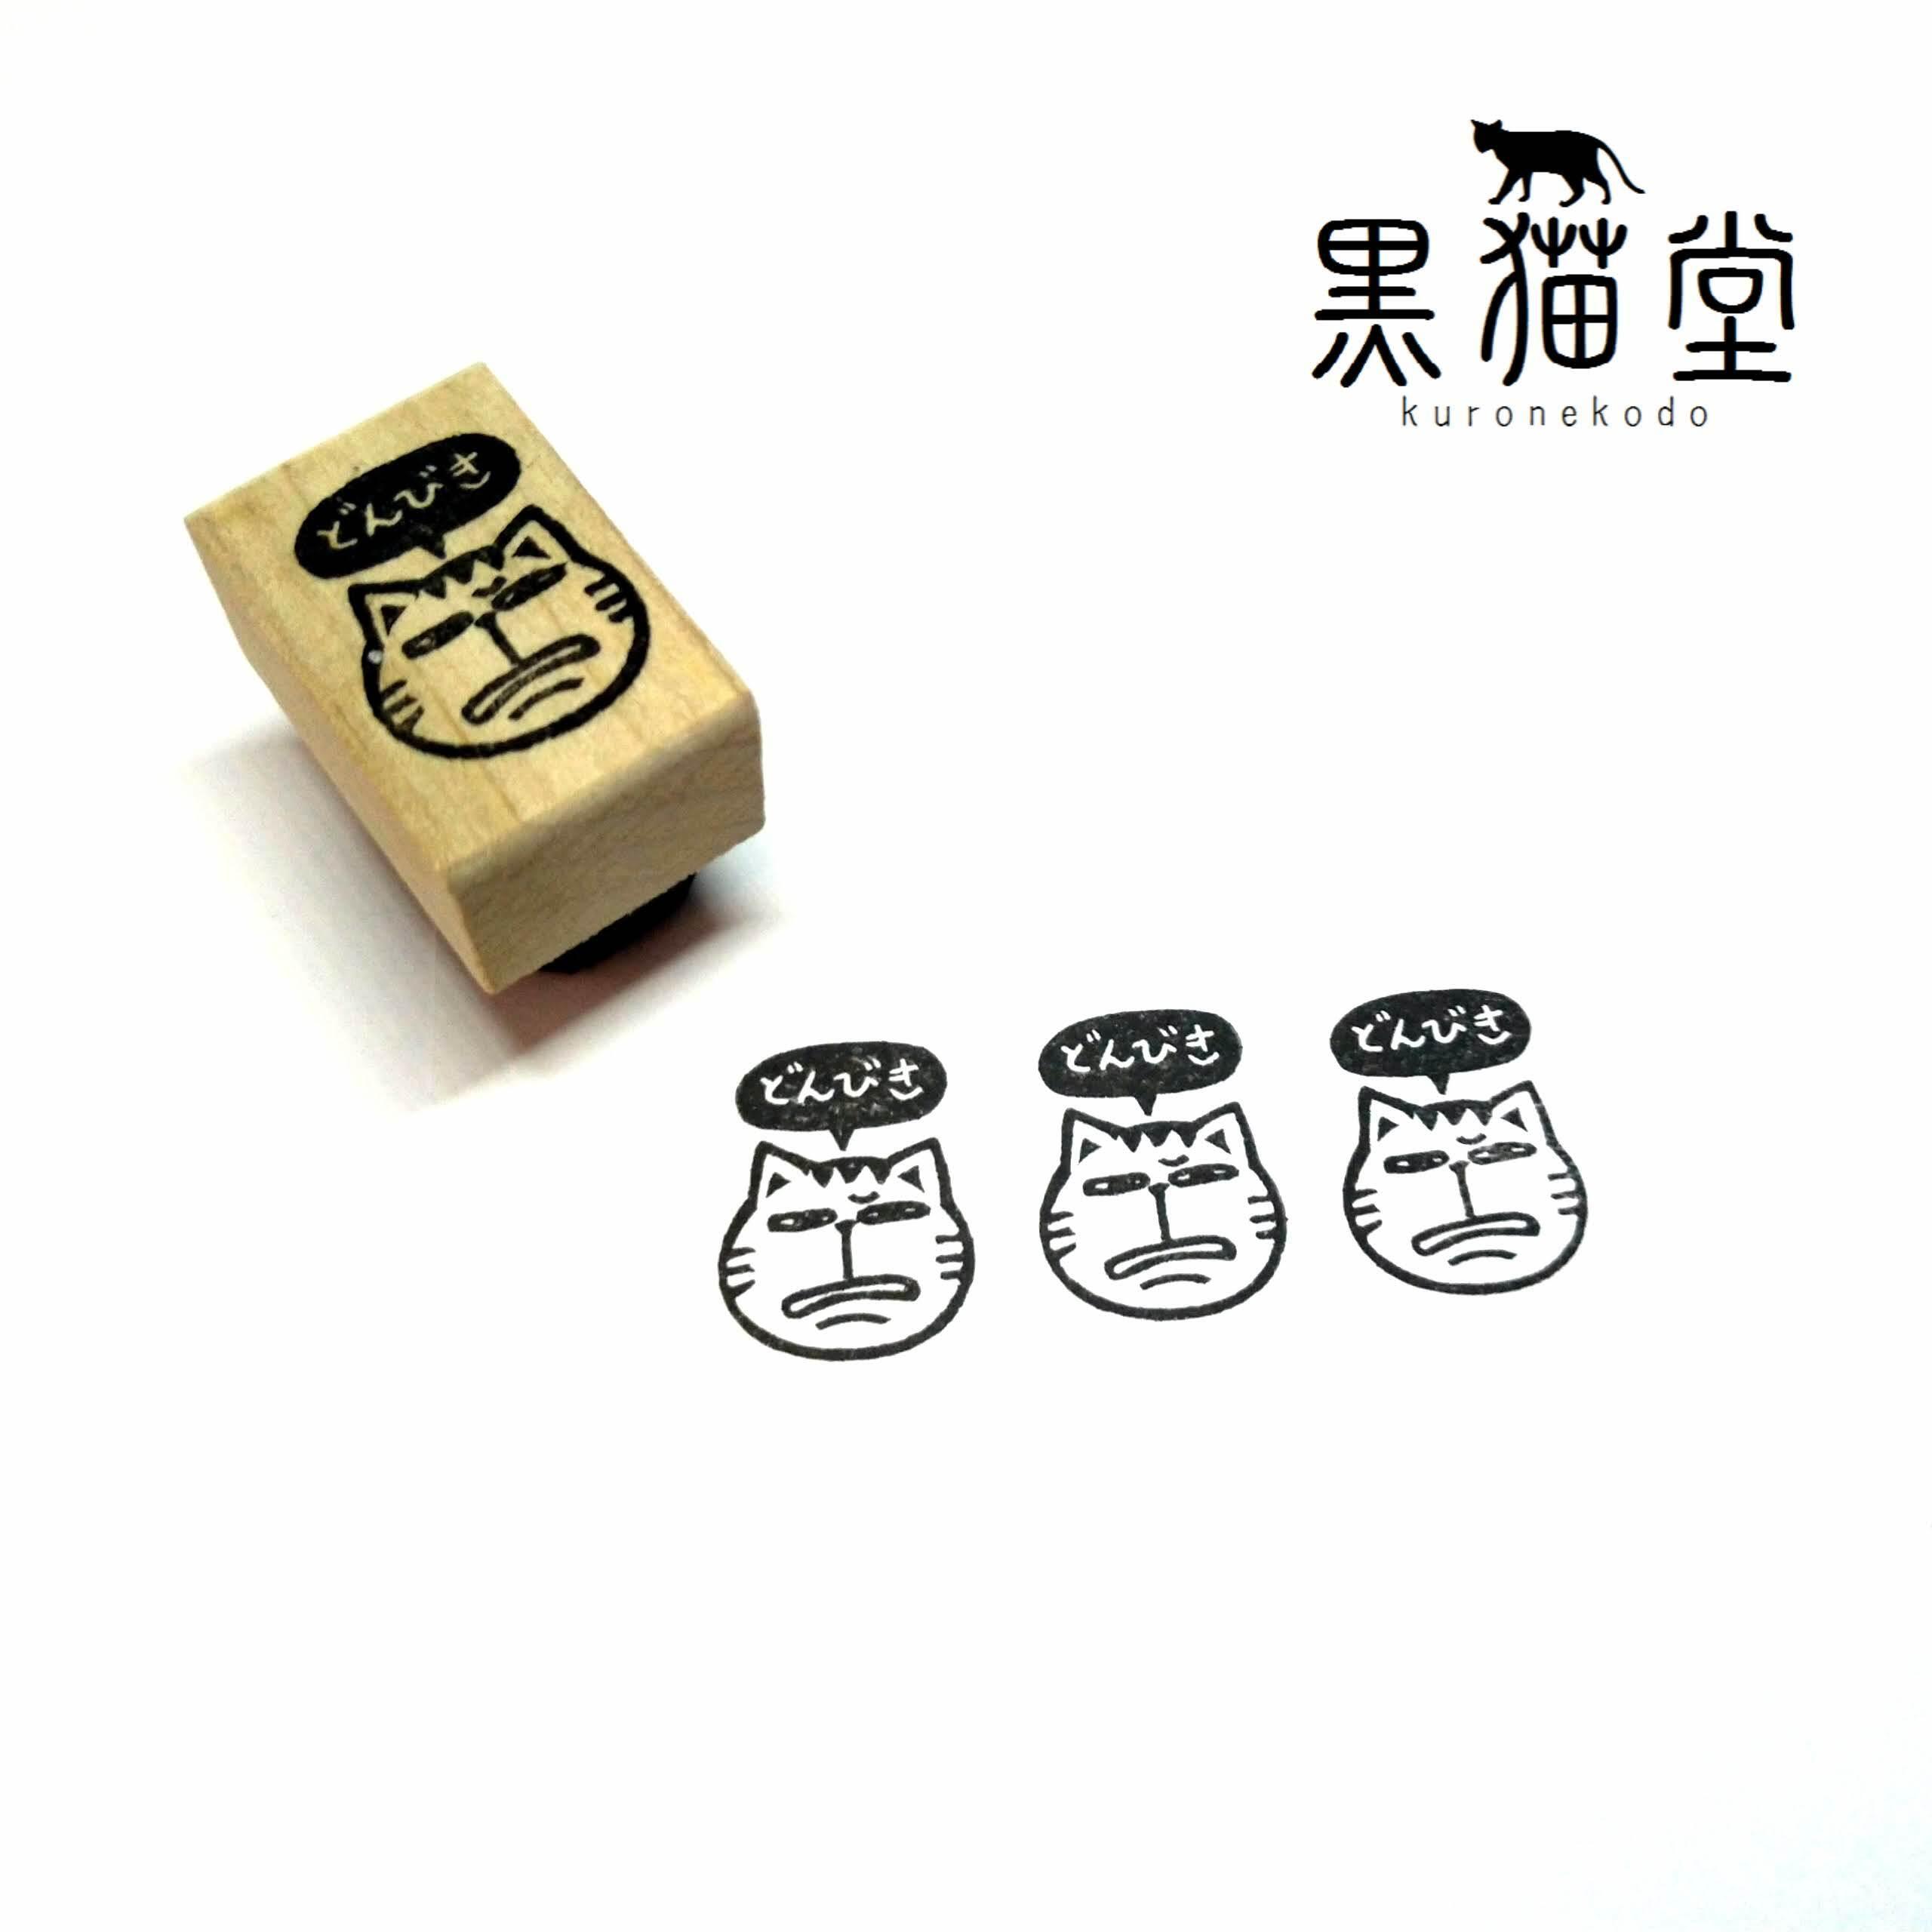 関西弁ネコ「どんびき」